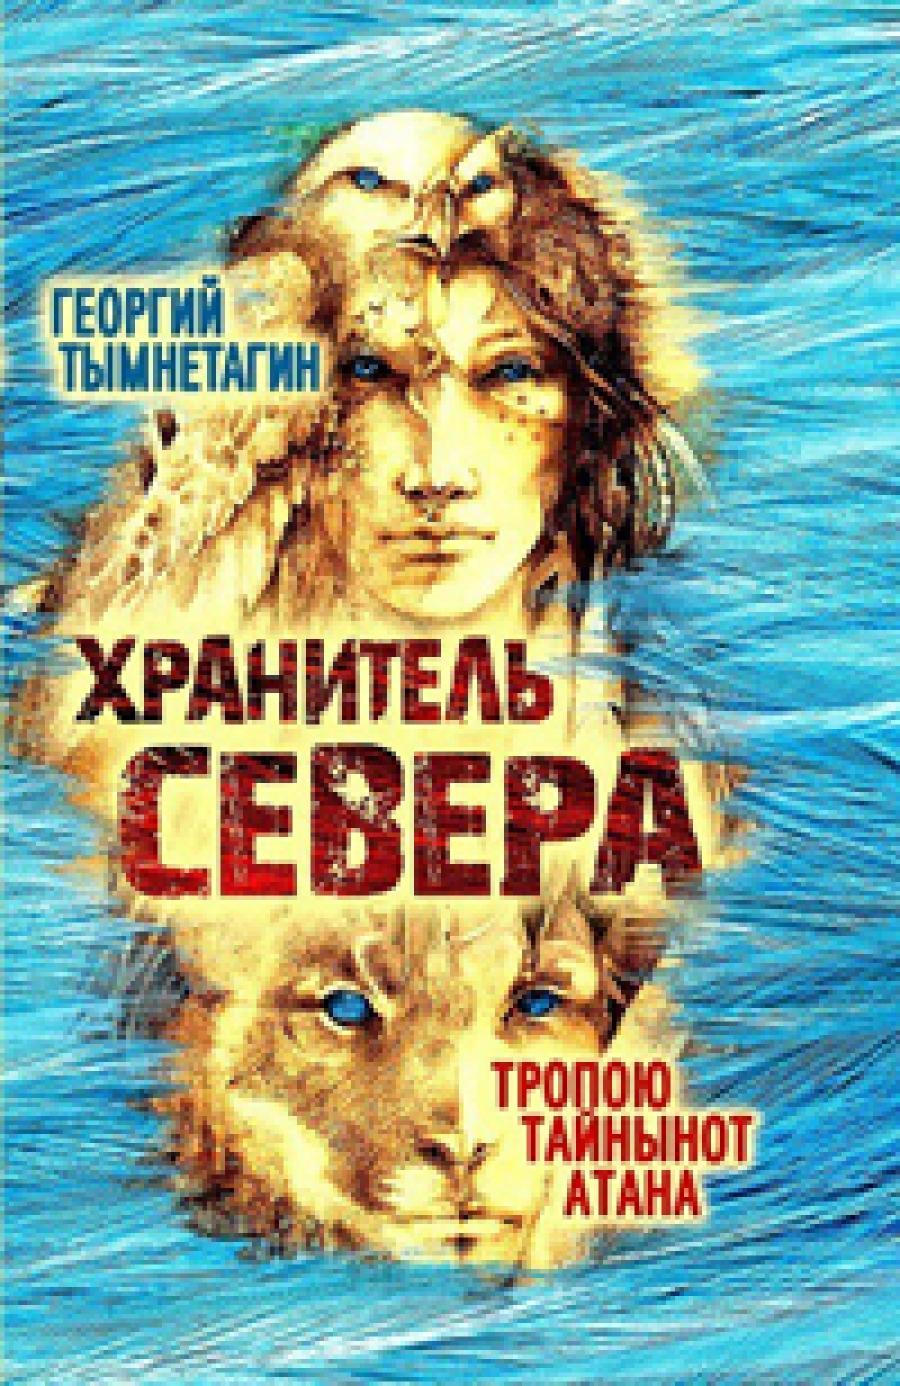 Георгий ТЫМНЕТАГИН. Хранитель Севера (18+)